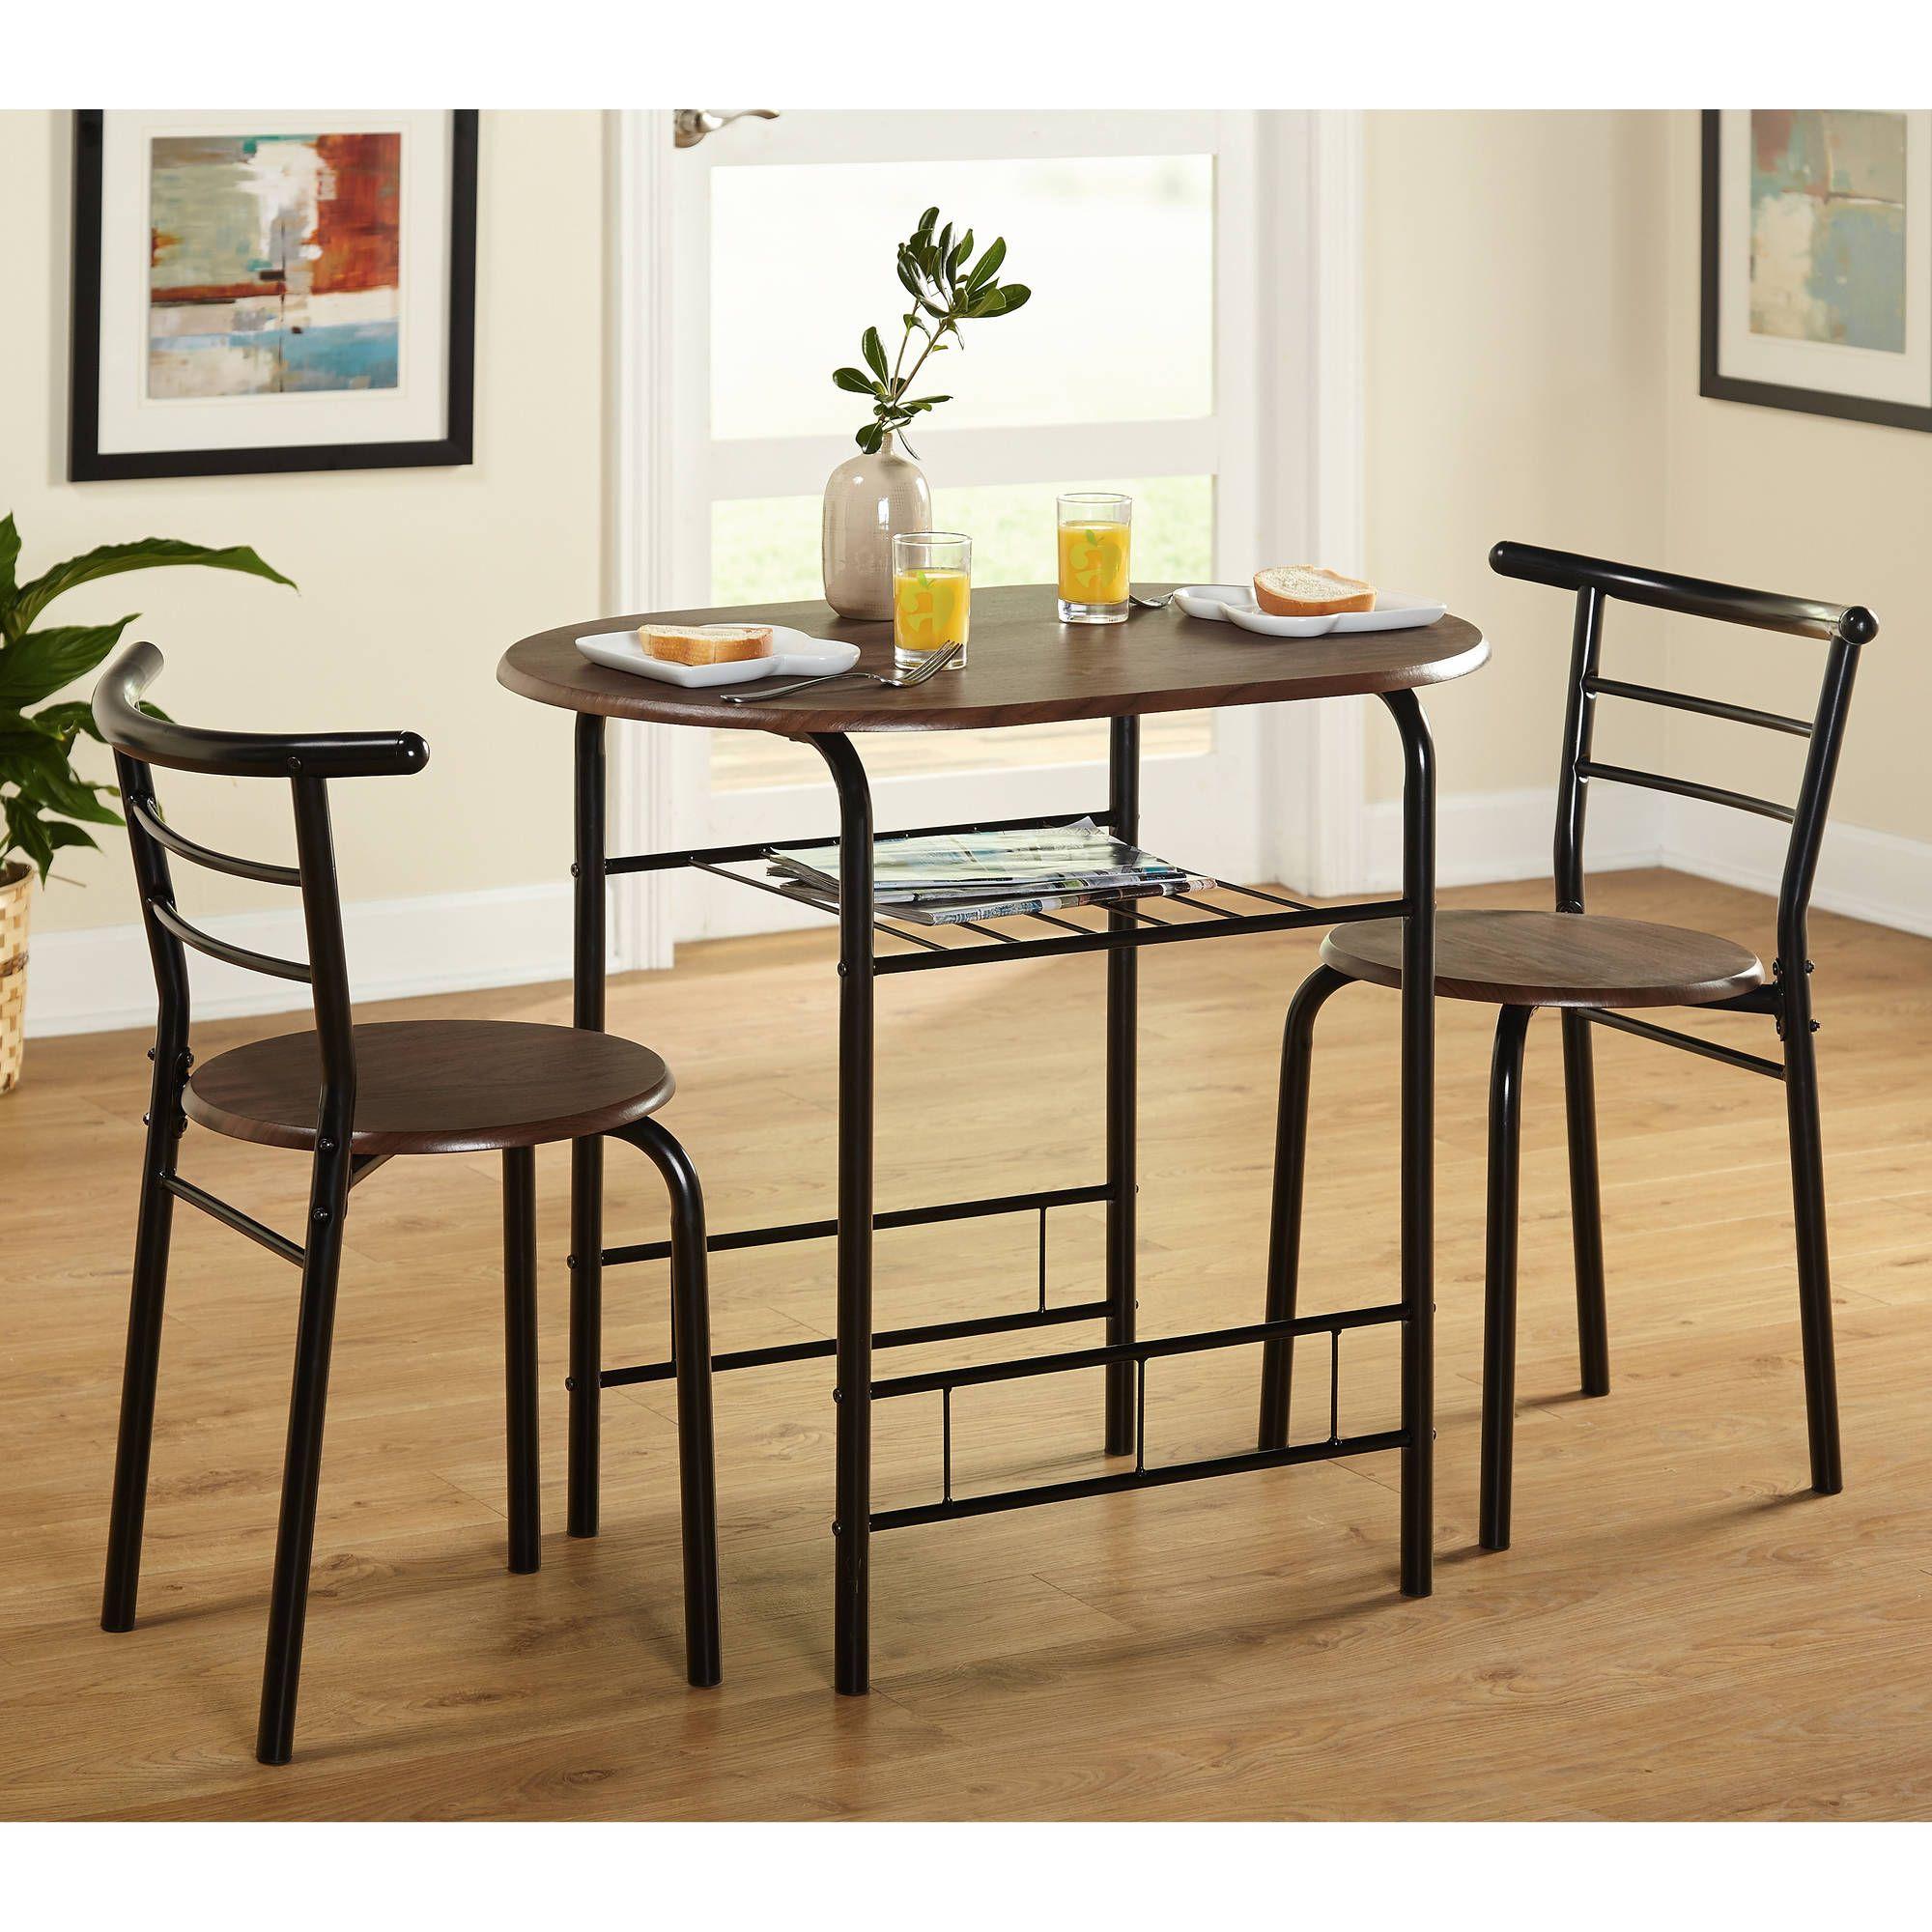 Bistro Indoor Dining Sets Tms 3 Piece Bistro Dining Set Walmart Com Bistro Table Set Kitchen Bistro Set Dining Furniture Sets